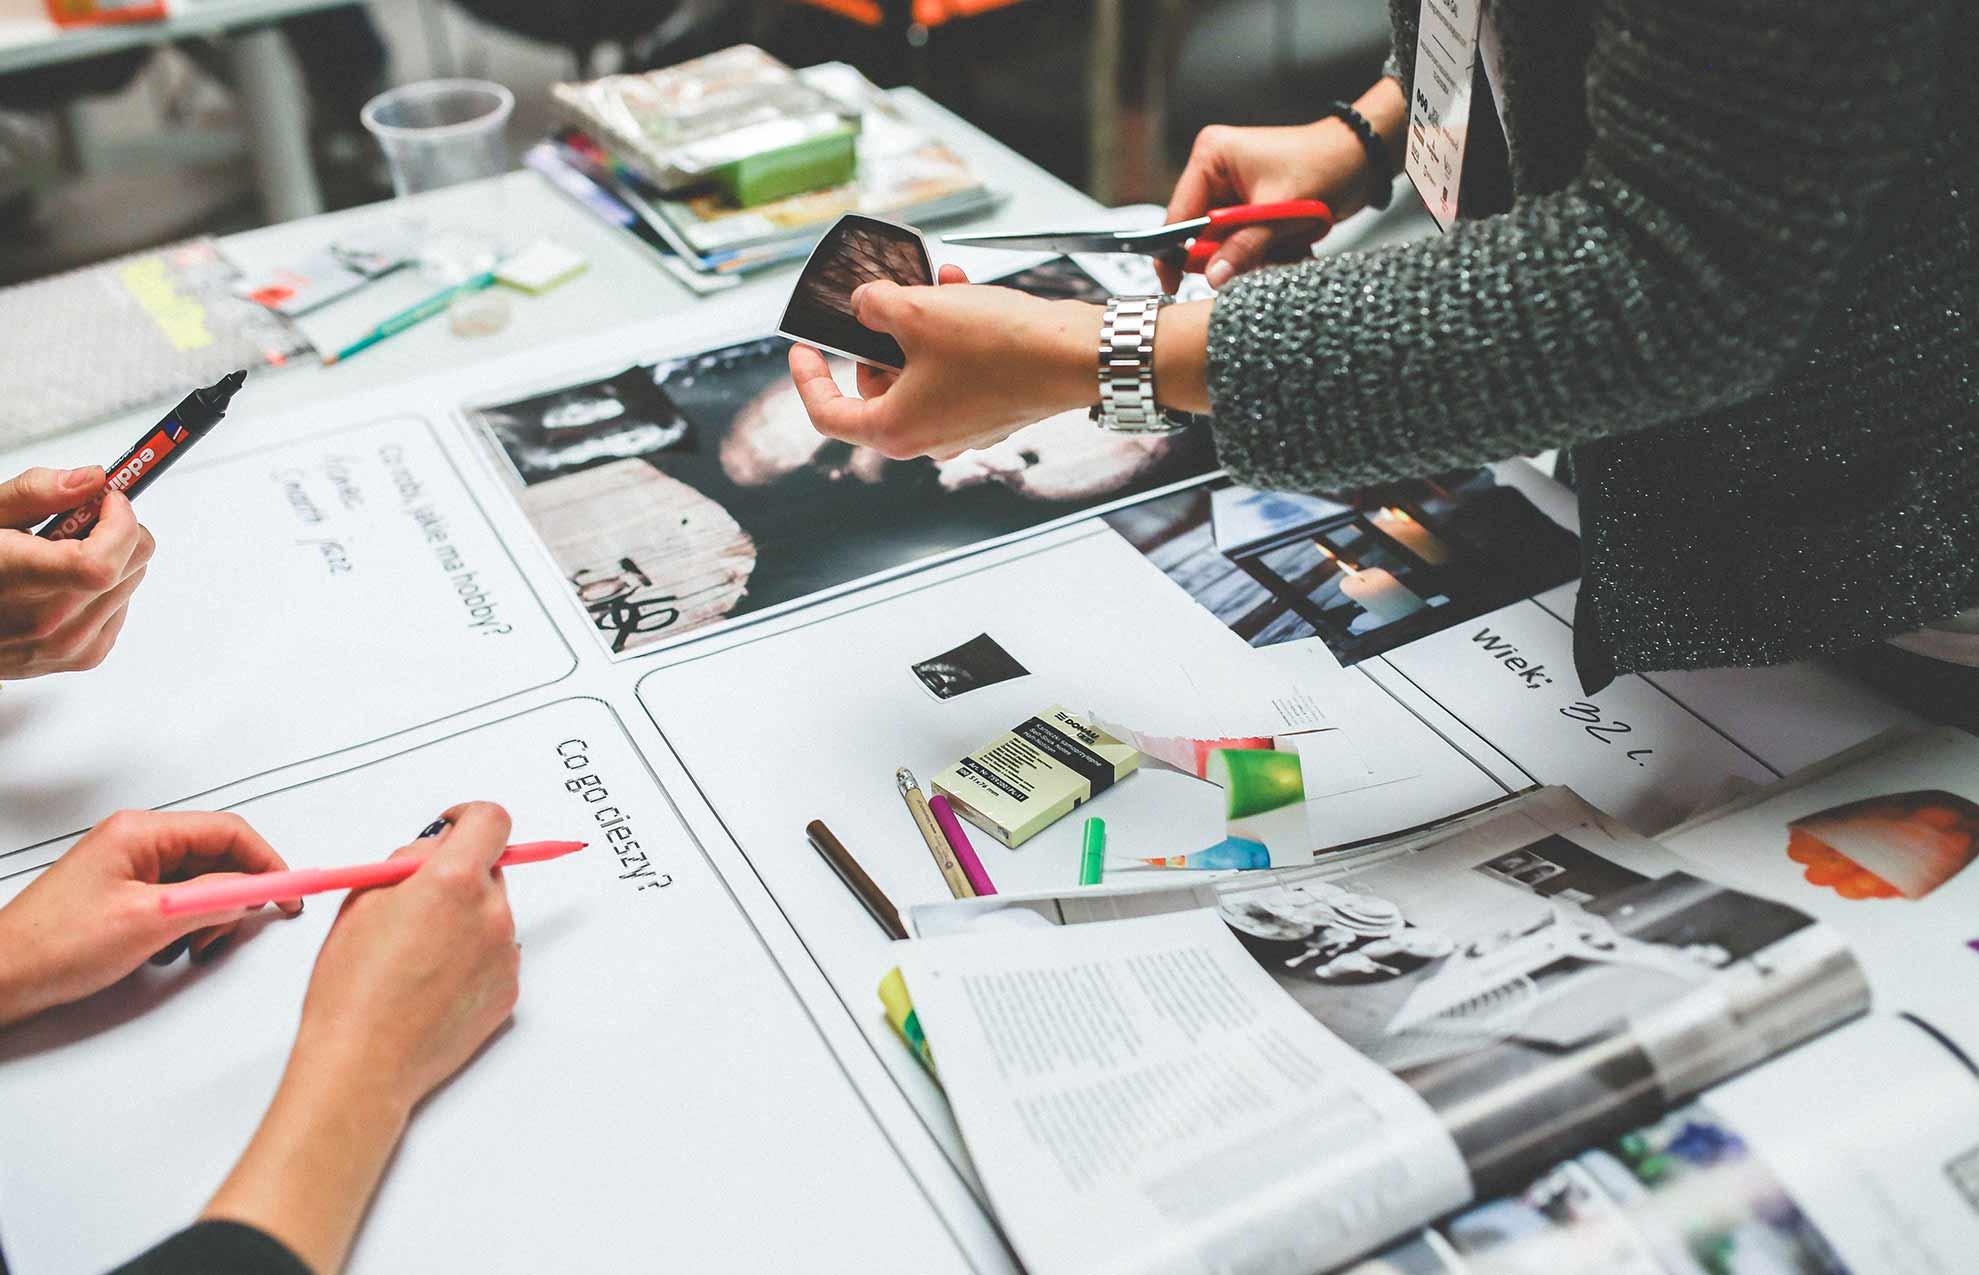 moodboard de ideacion proyecto creativo - ¿Qué es un moodboard?